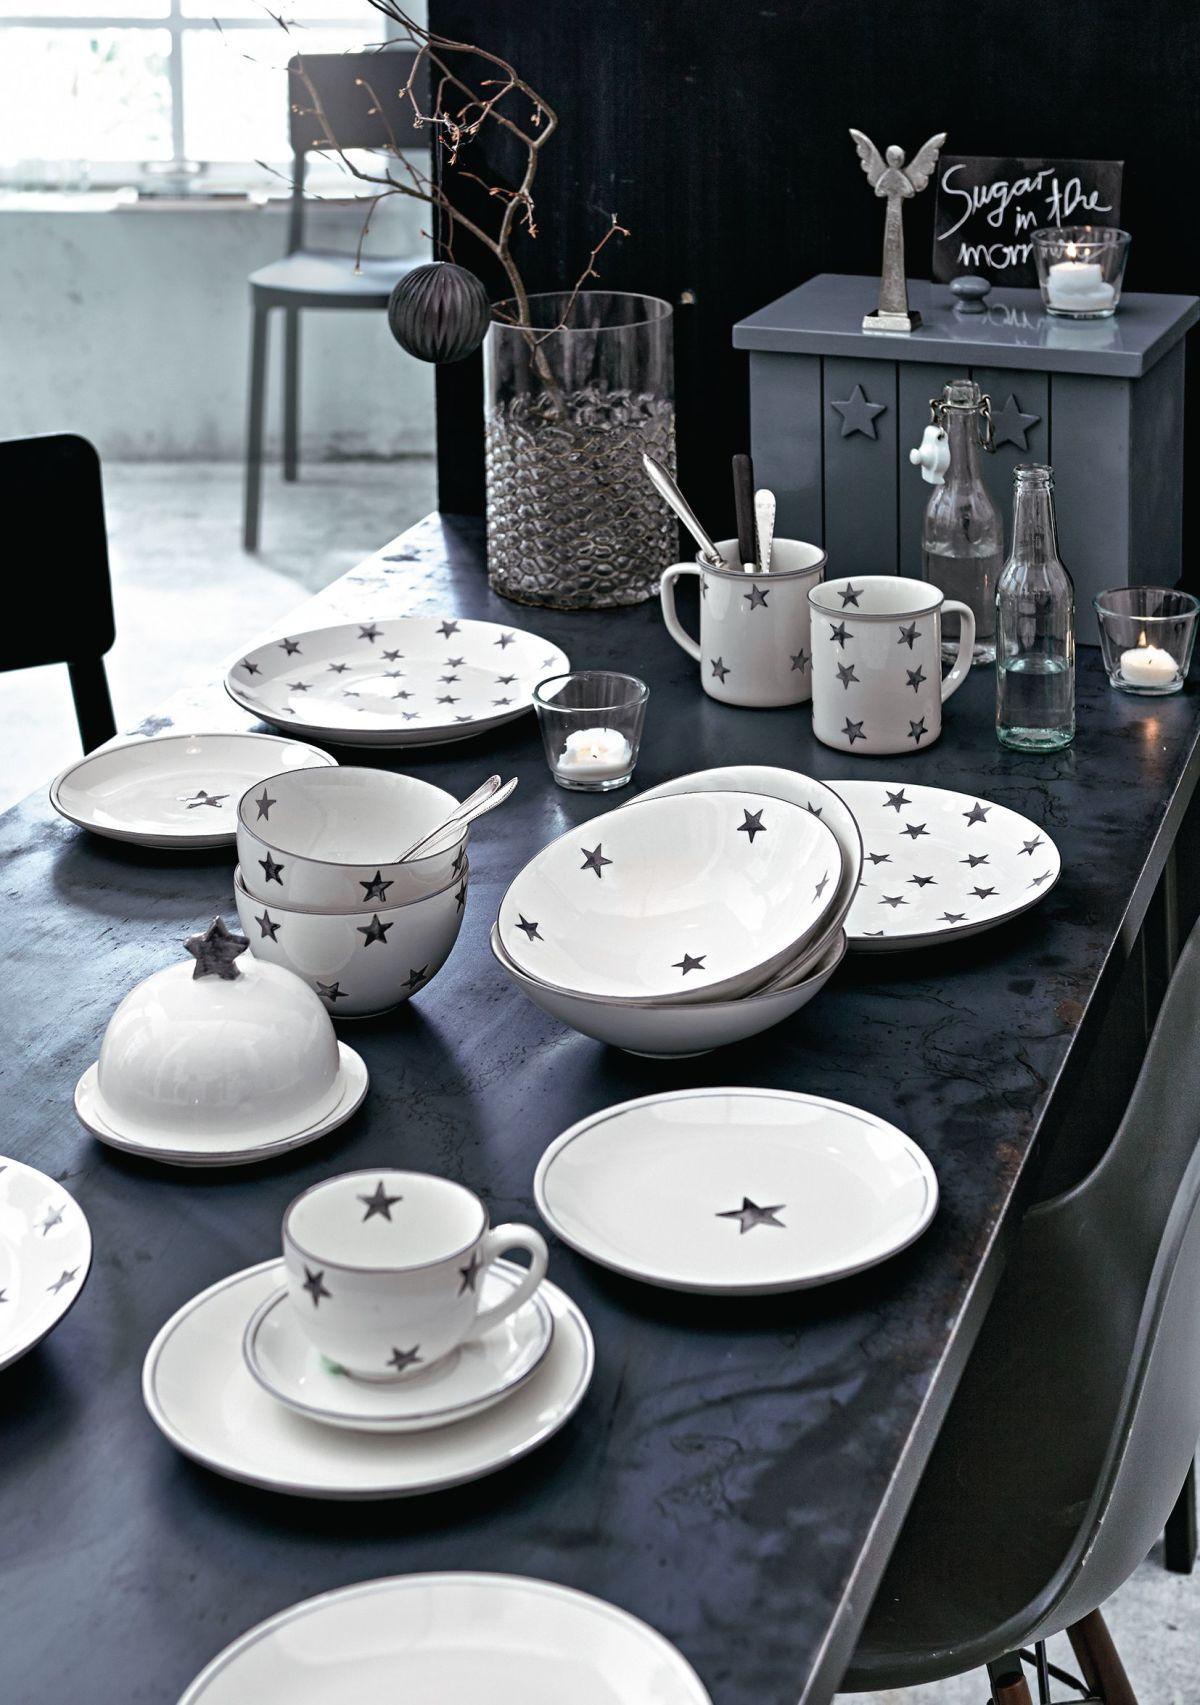 sternenregen am fr hst ckstisch nicht nur zur weihnachtszeit berzeugt dieses kontrastfarben. Black Bedroom Furniture Sets. Home Design Ideas